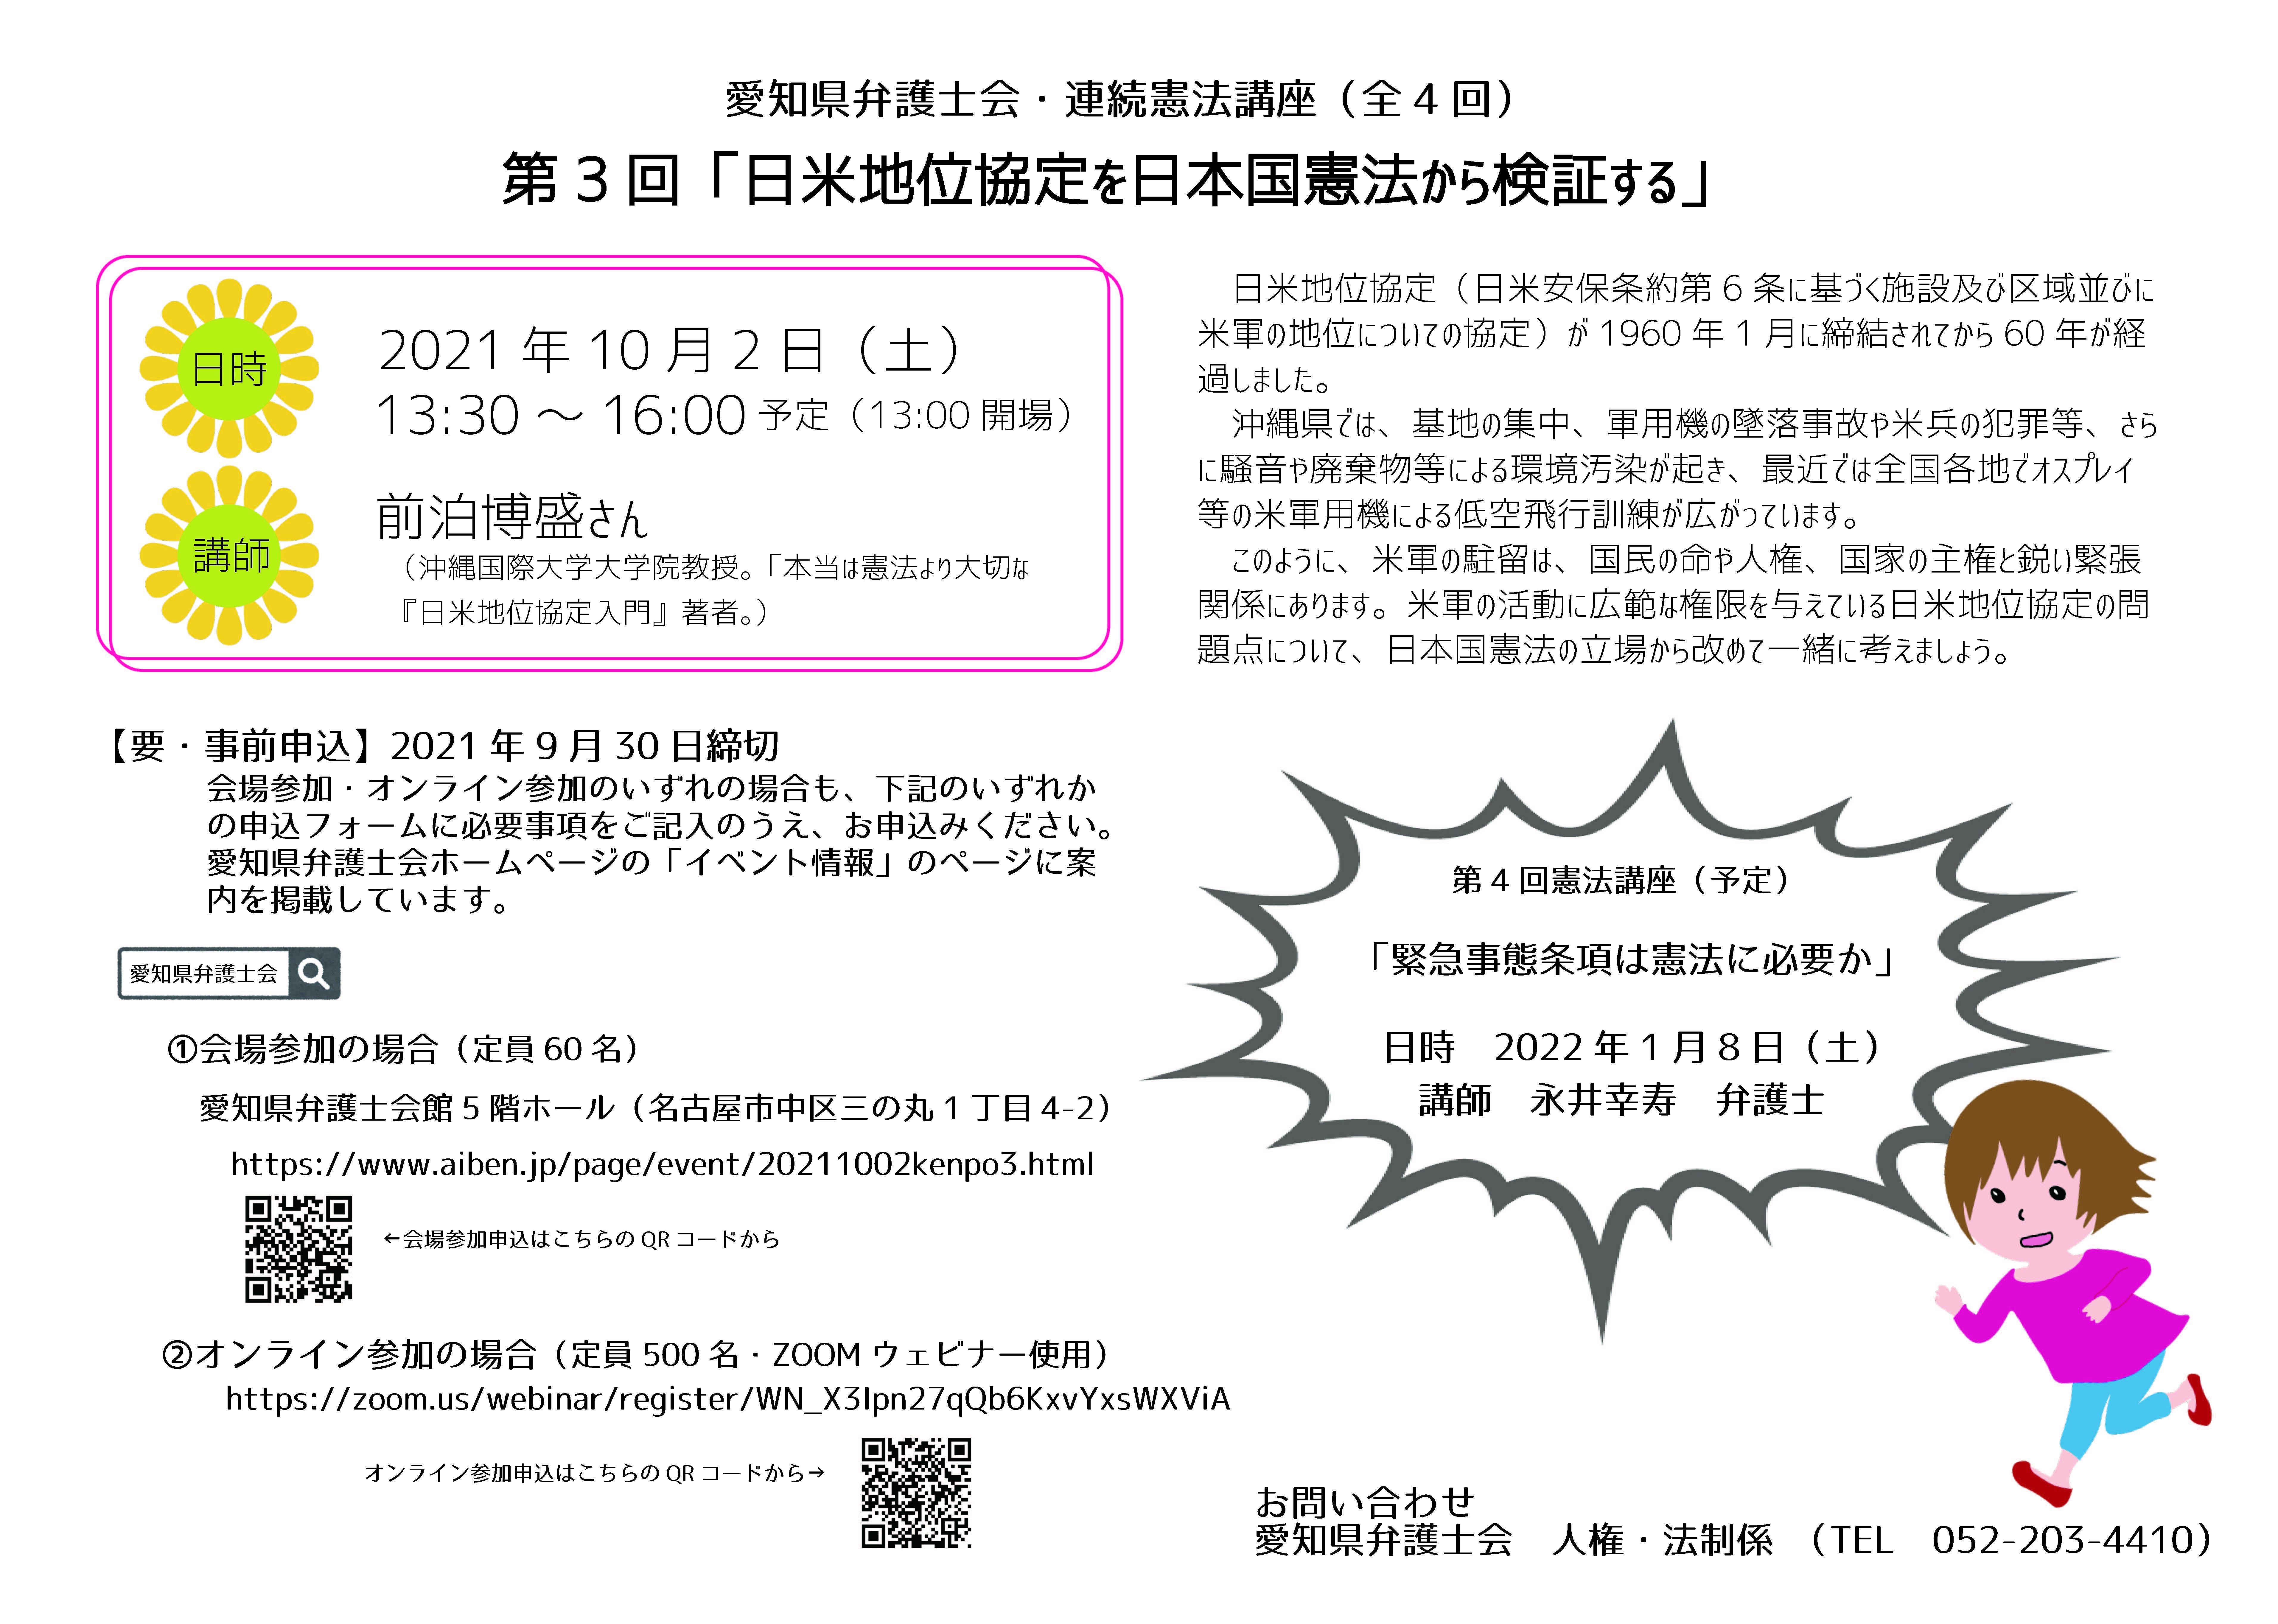 愛弁憲法講座ちらし(第3回)210805.jpg